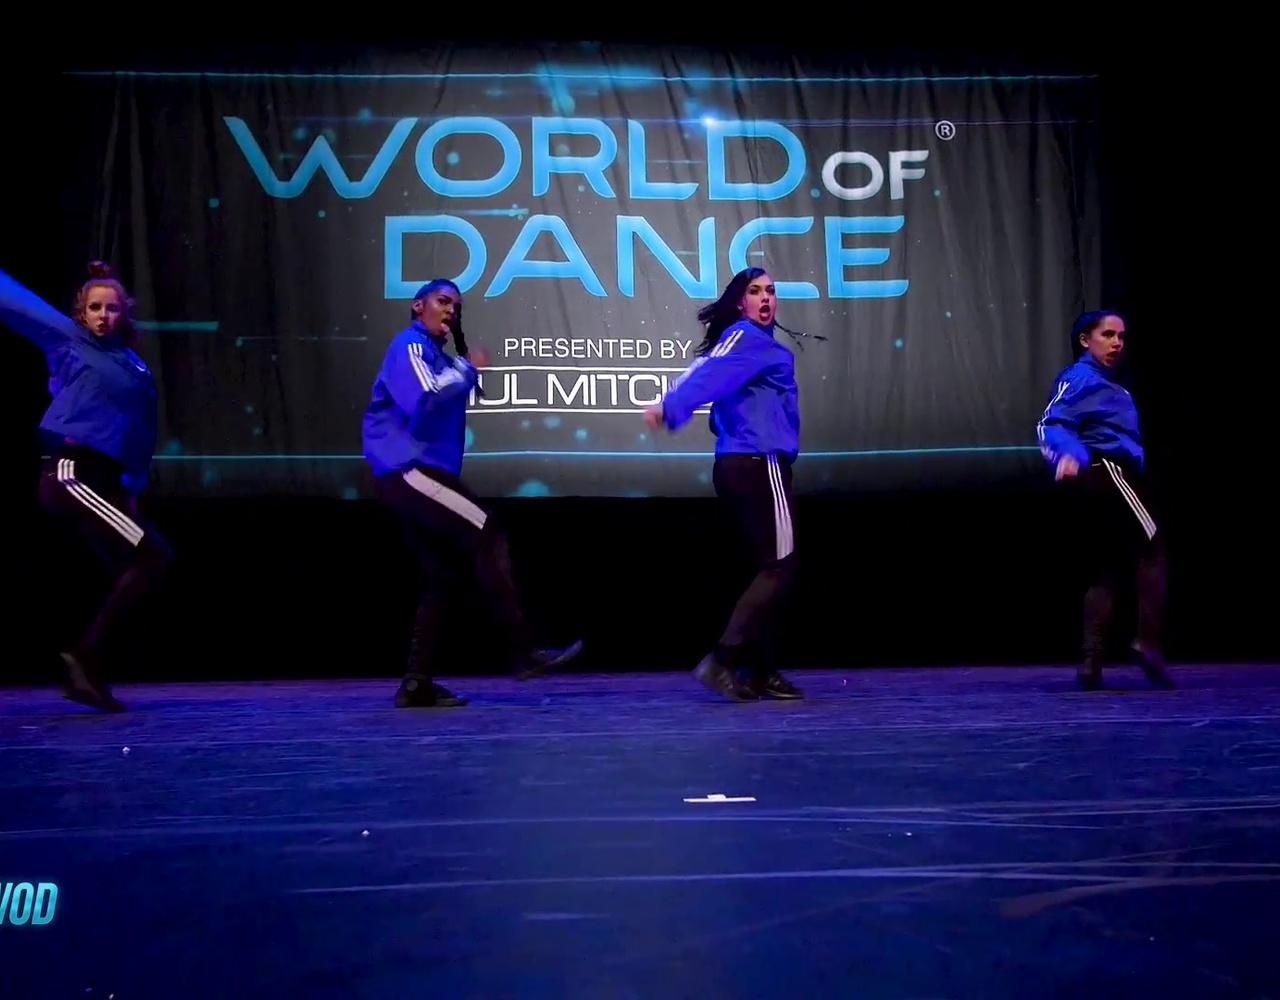 世界舞蹈大赛丨VYB Dance Company - 1st Place Team Division - Winners Circle - #WODATL17